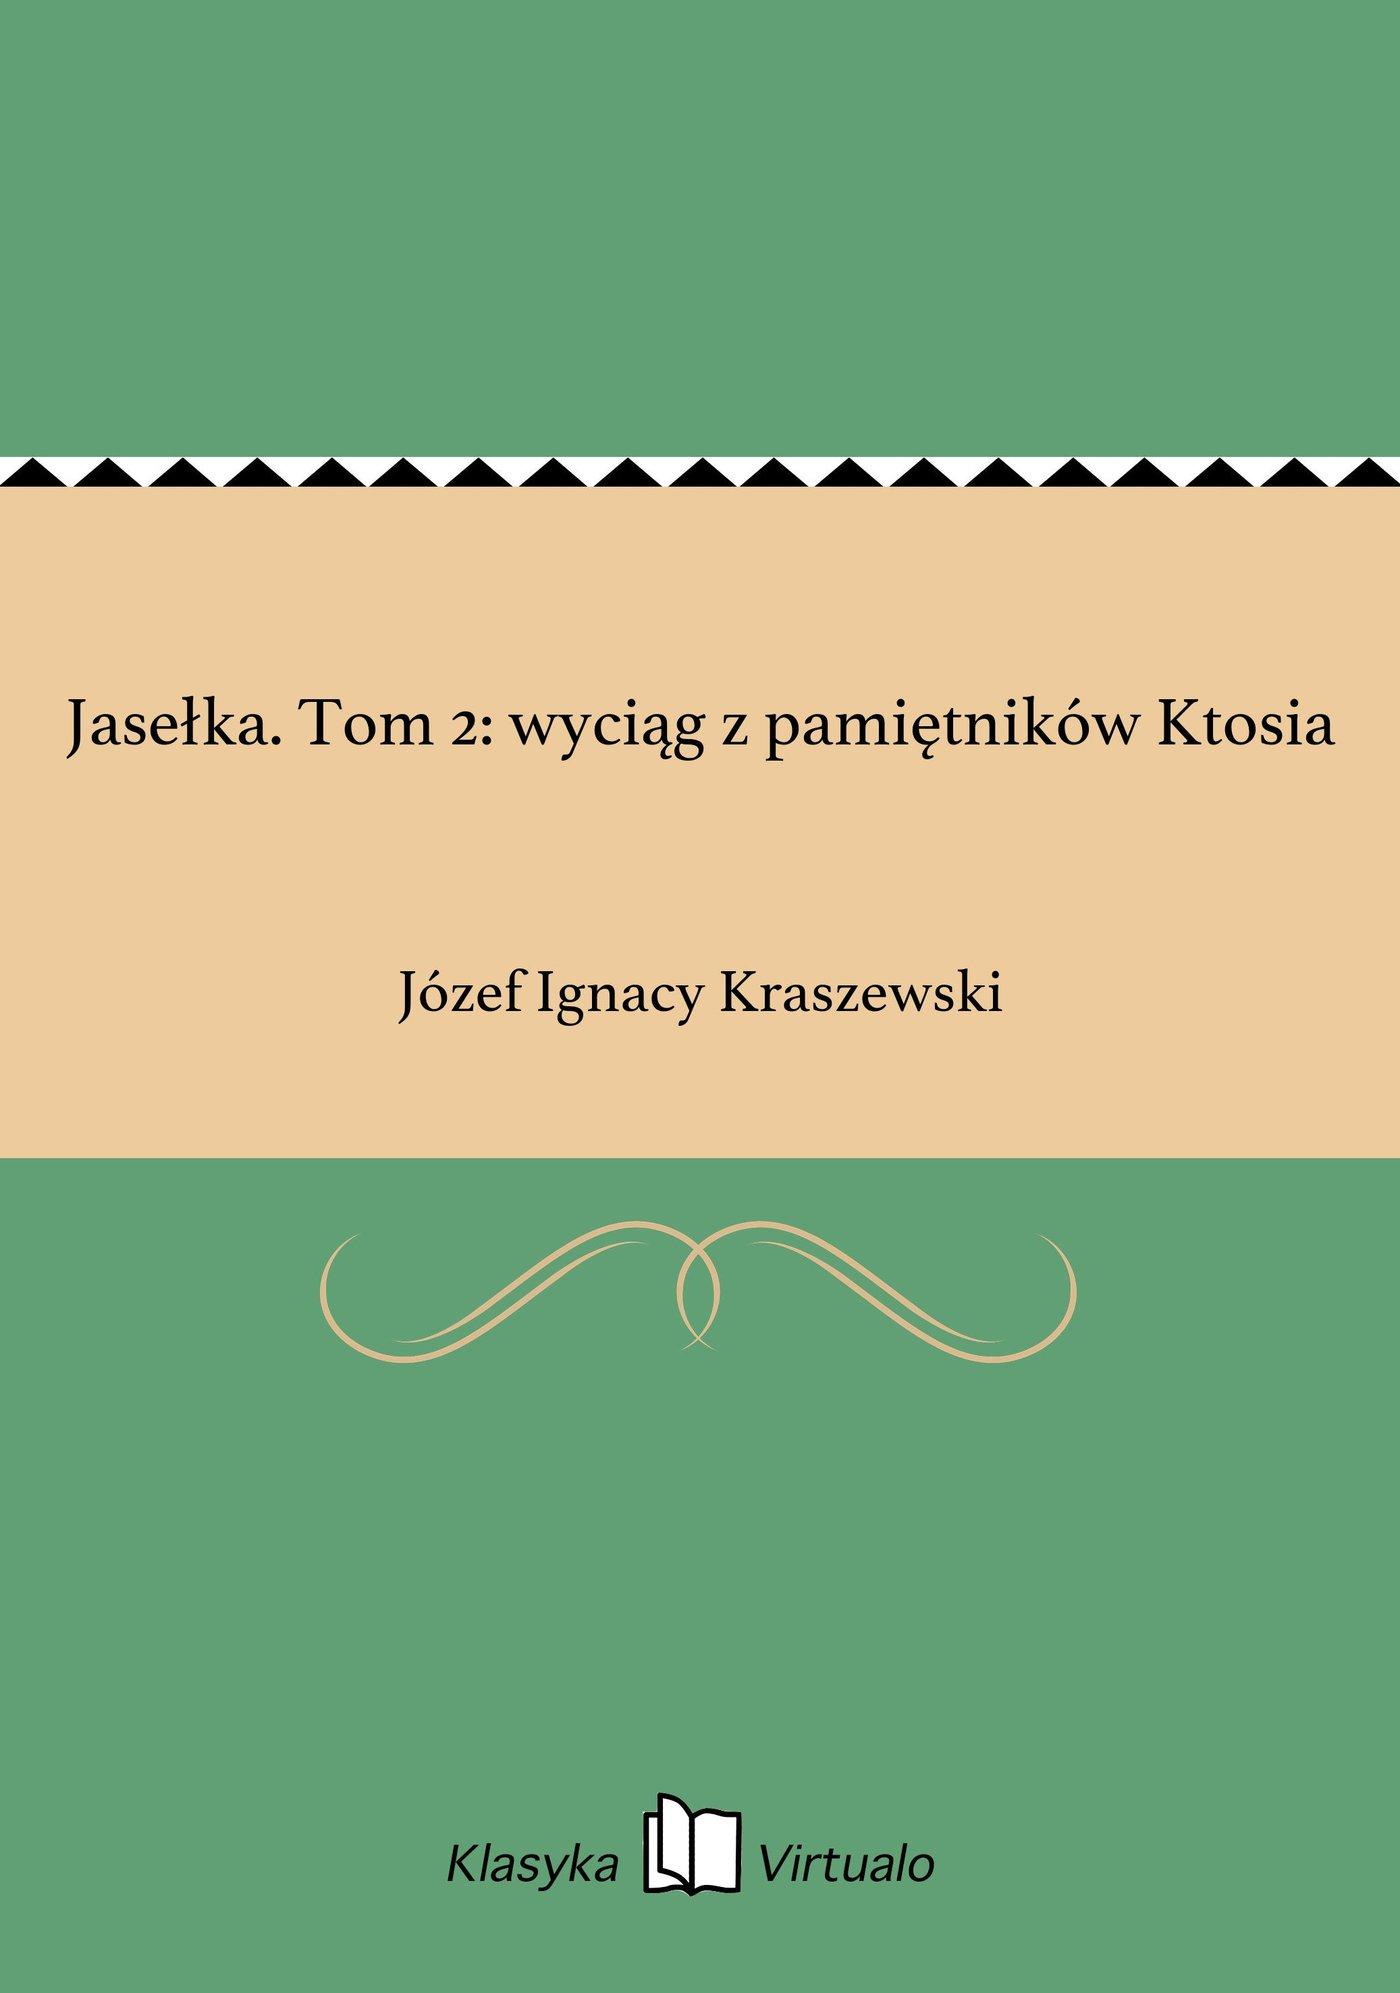 Jasełka. Tom 2: wyciąg z pamiętników Ktosia - Ebook (Książka EPUB) do pobrania w formacie EPUB